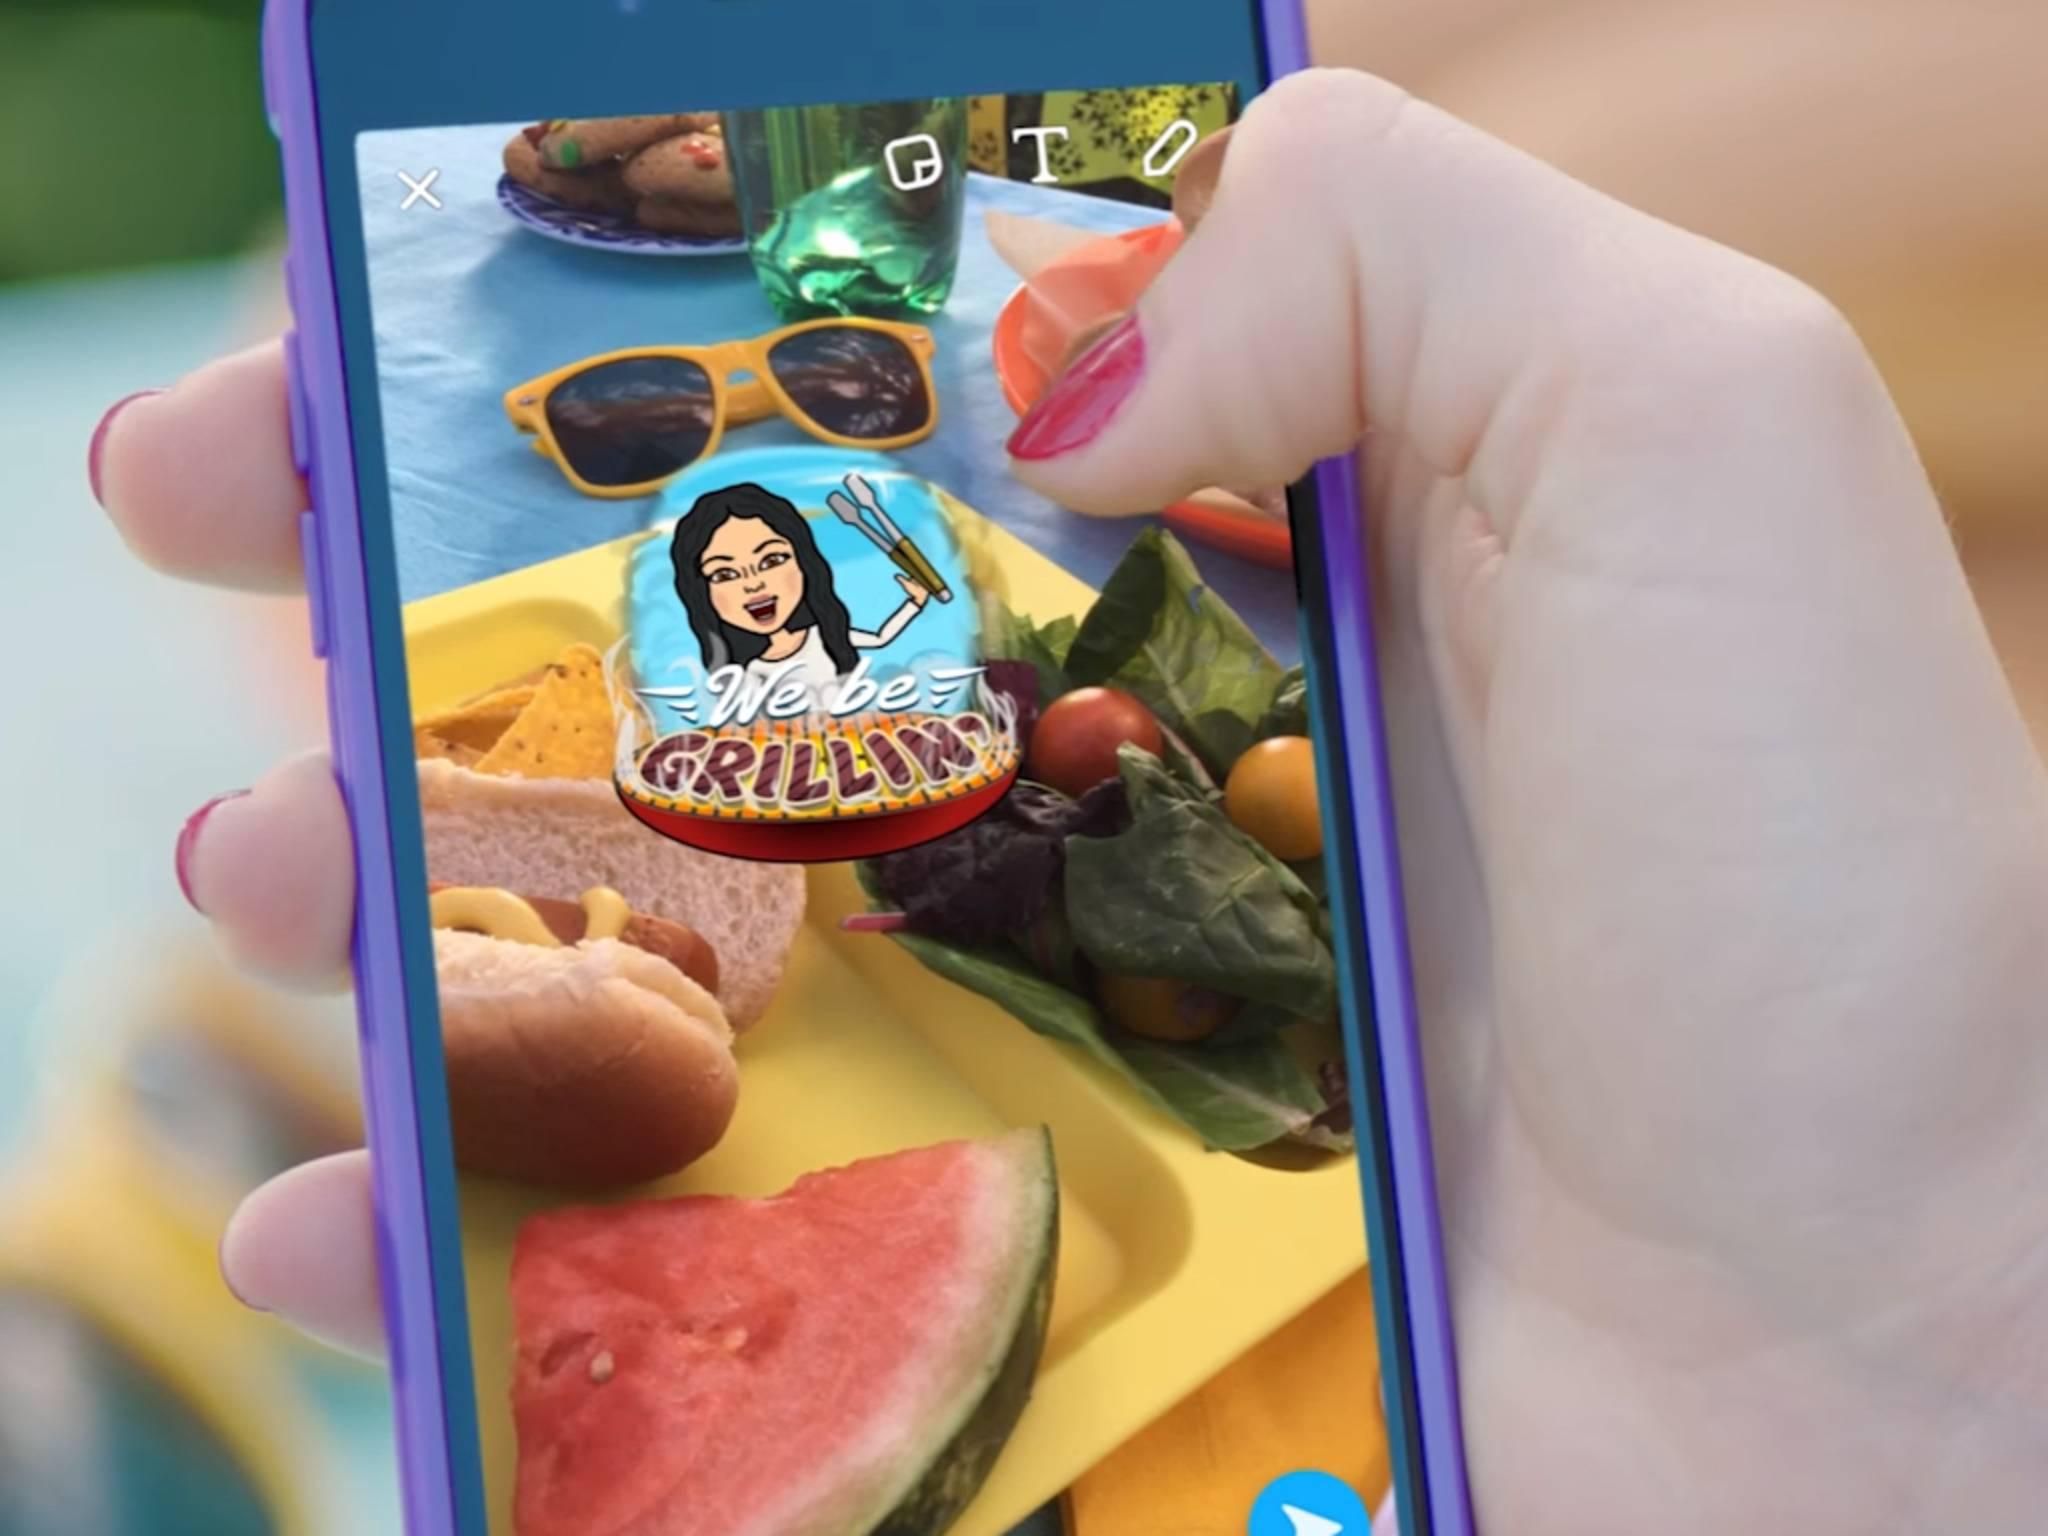 Bei Snapchat können Bilder ganz einfach mit Emojis und eigenem Text aufgepeppt werden.